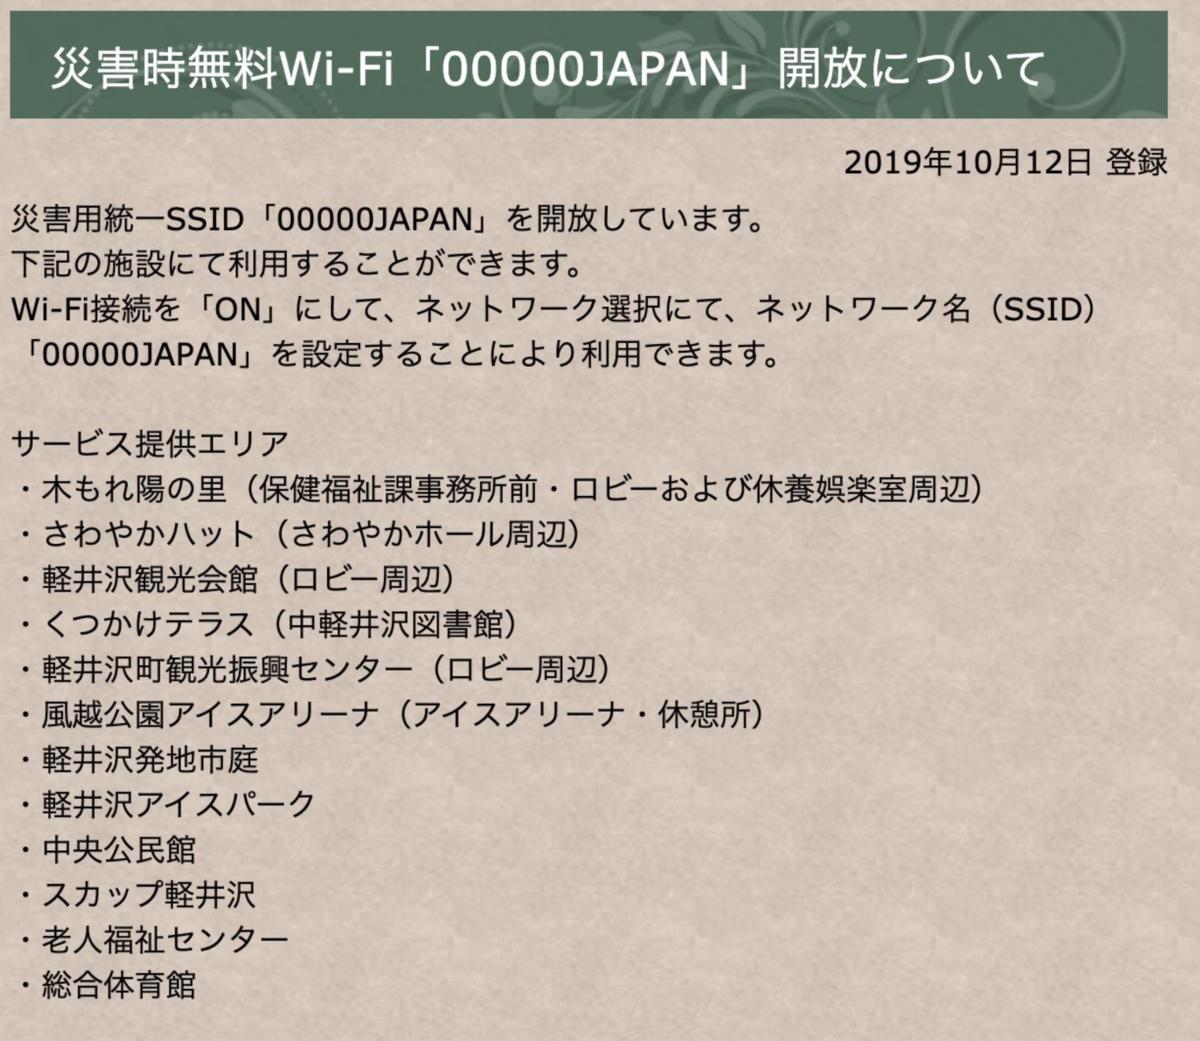 f:id:sakuraitaito:20191024180005p:plain